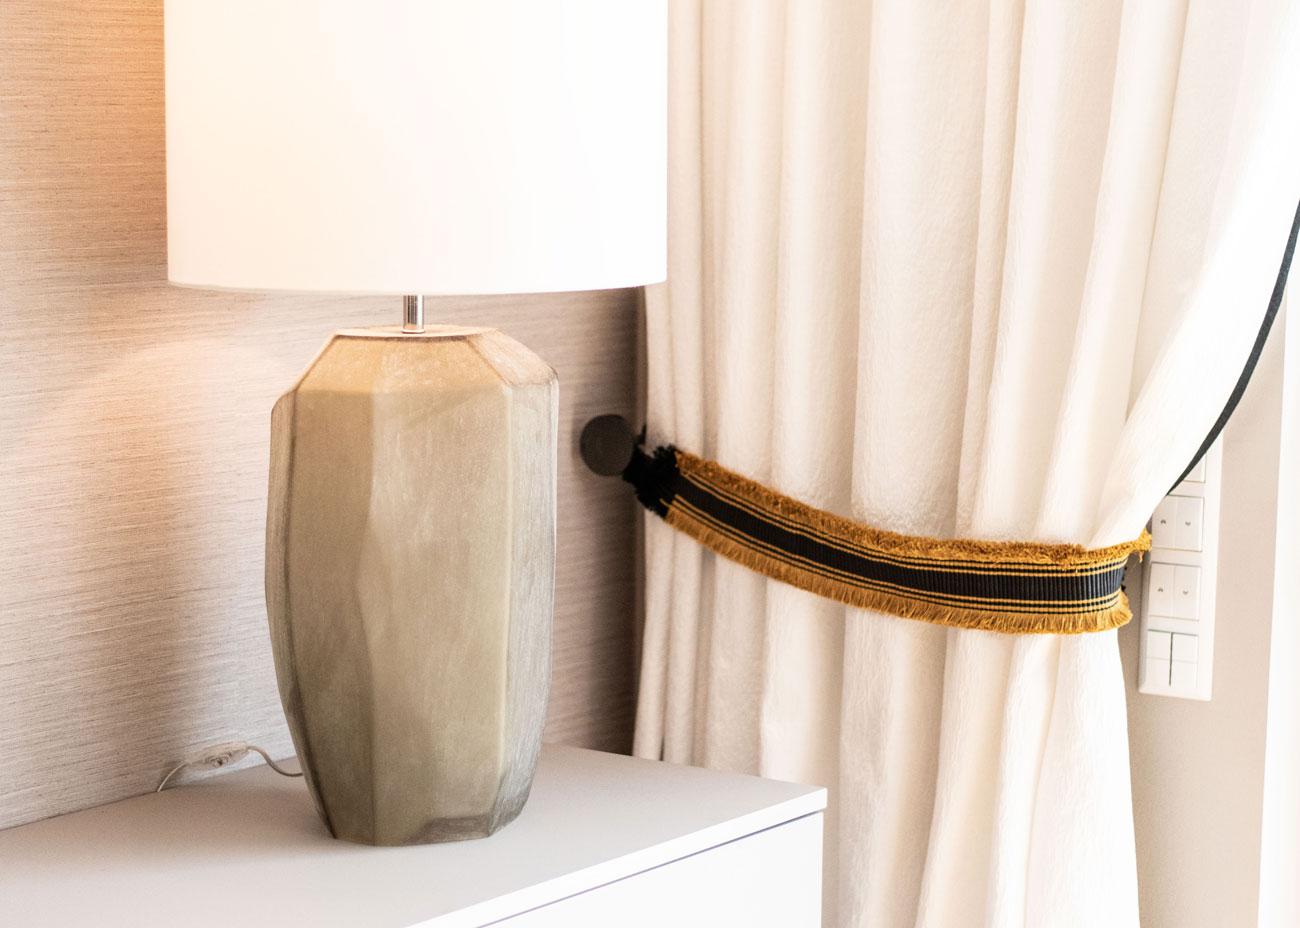 haus renovieren ideen wohnzimmer kommode vorhang leuchte glas raffhalter